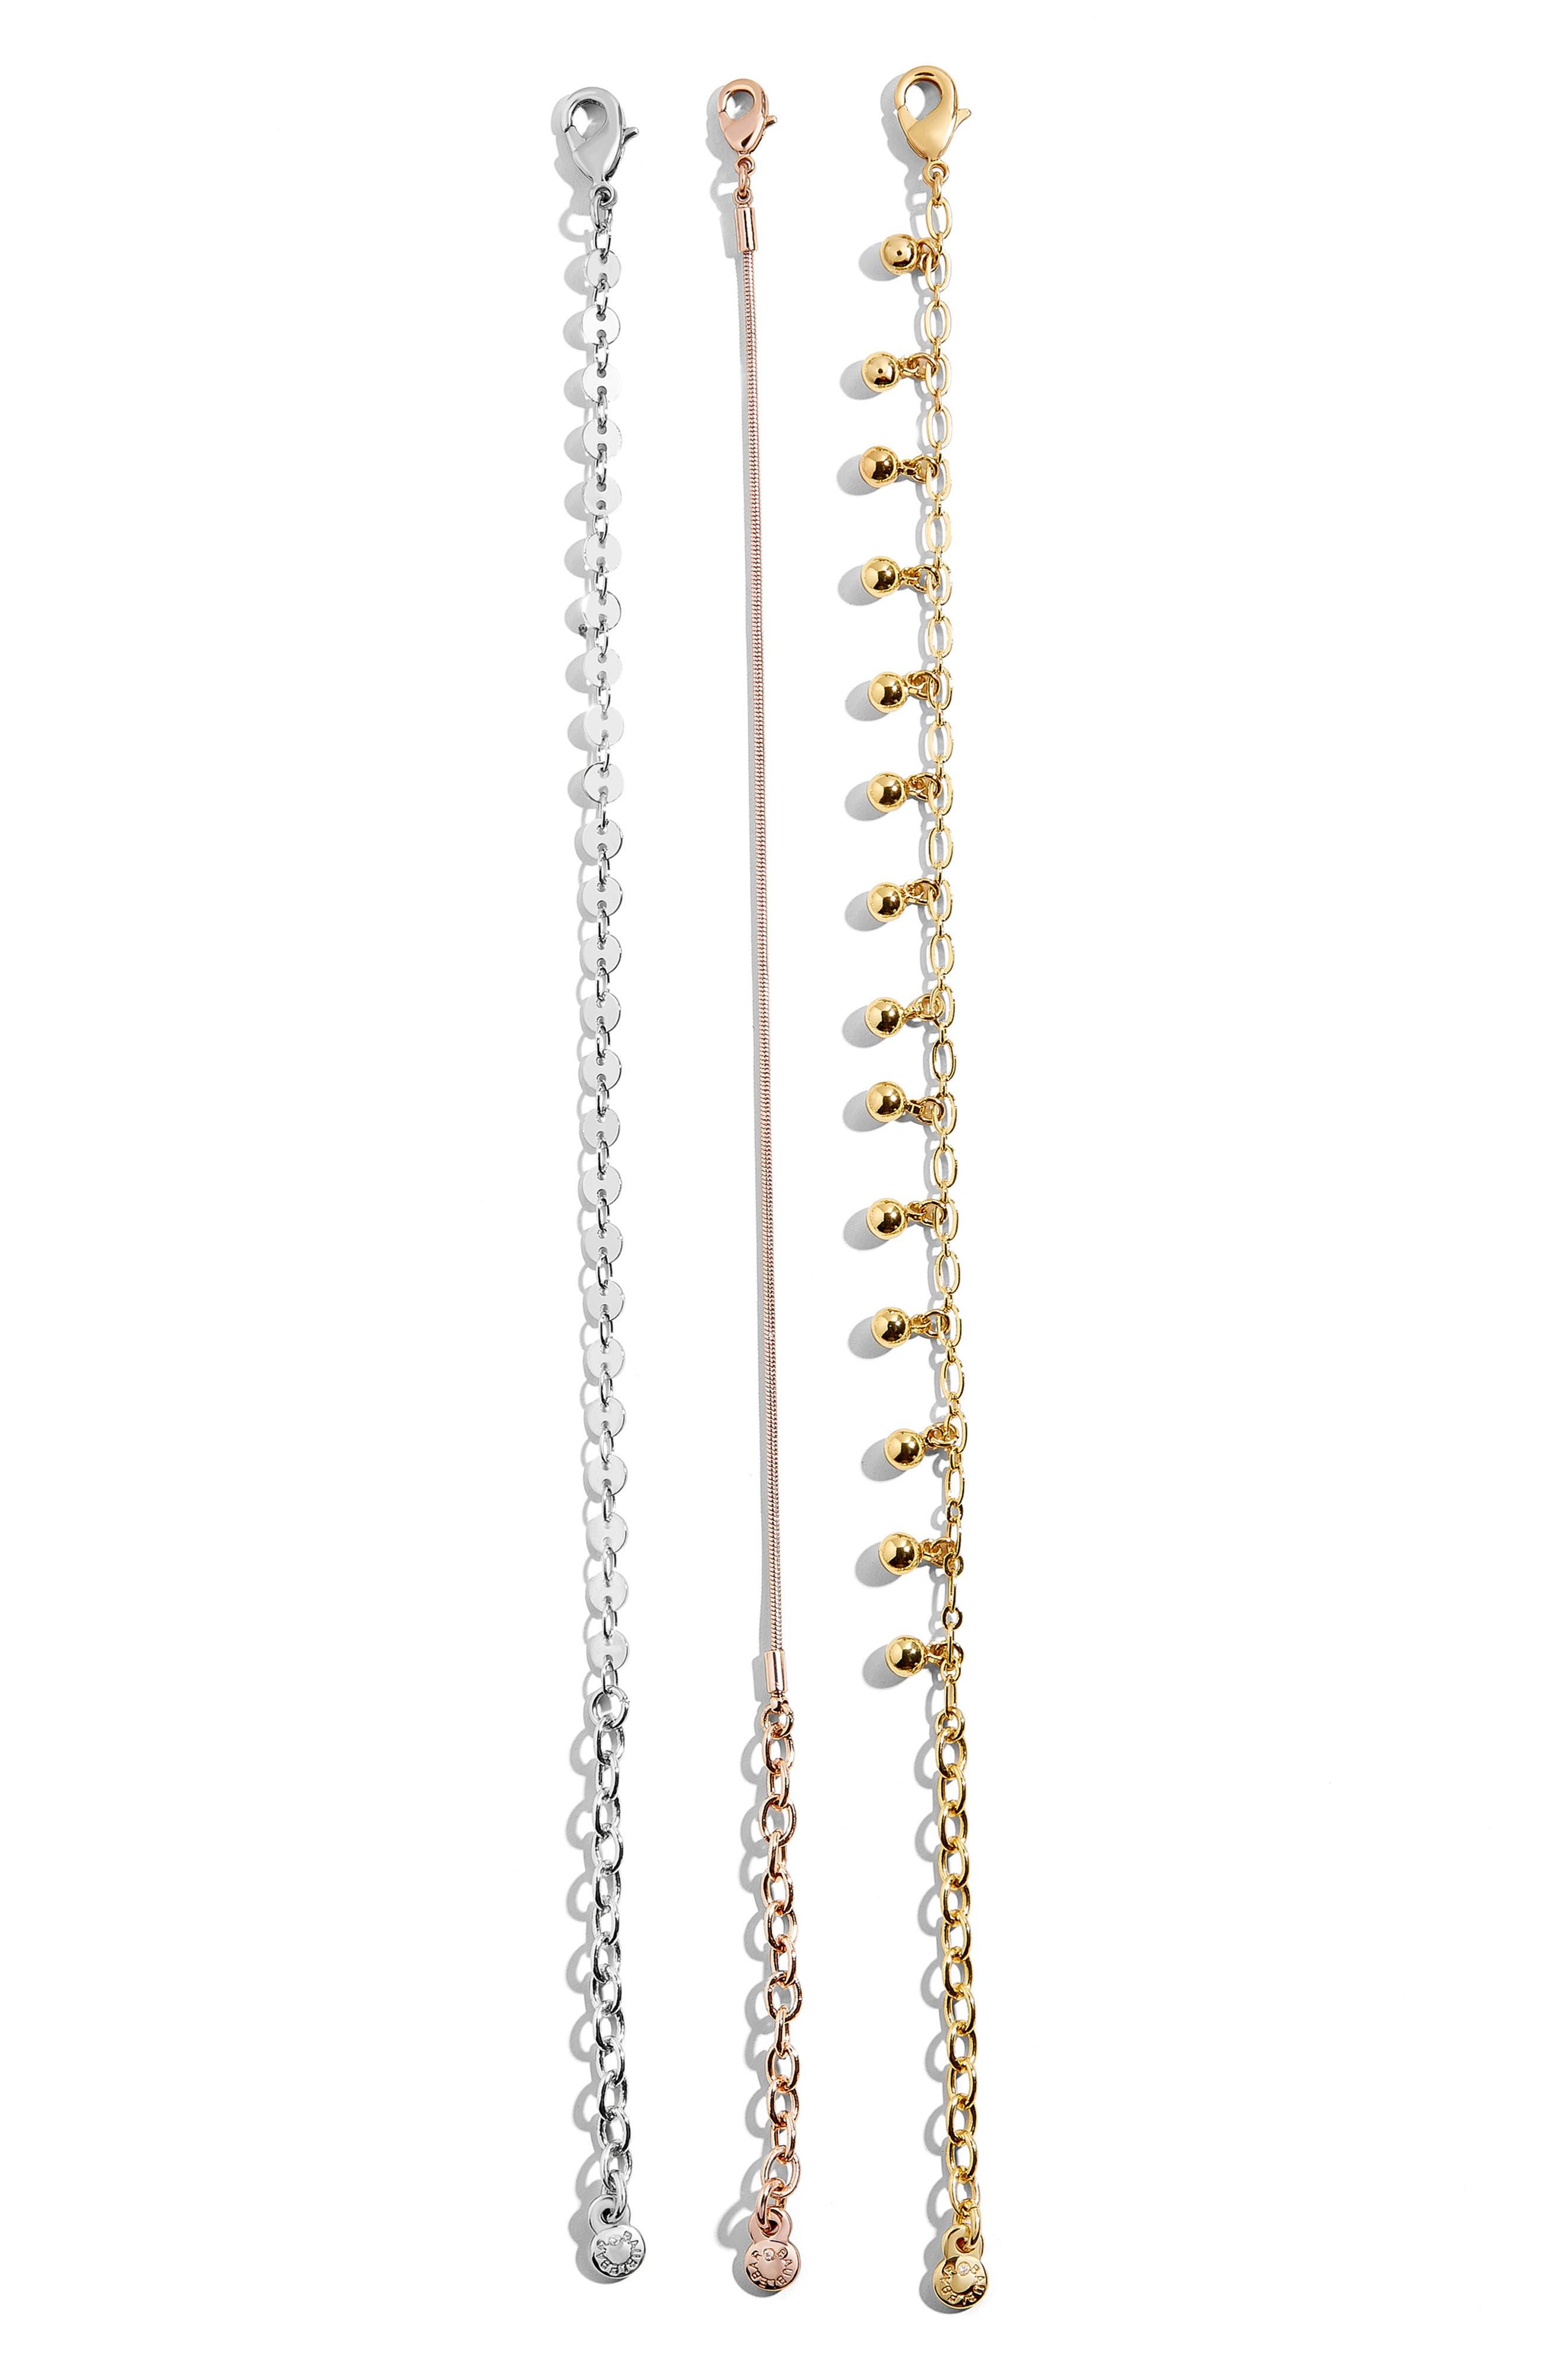 BAUBLEBAR Asteria Set of 3 Bracelets, Main, color, MULTI